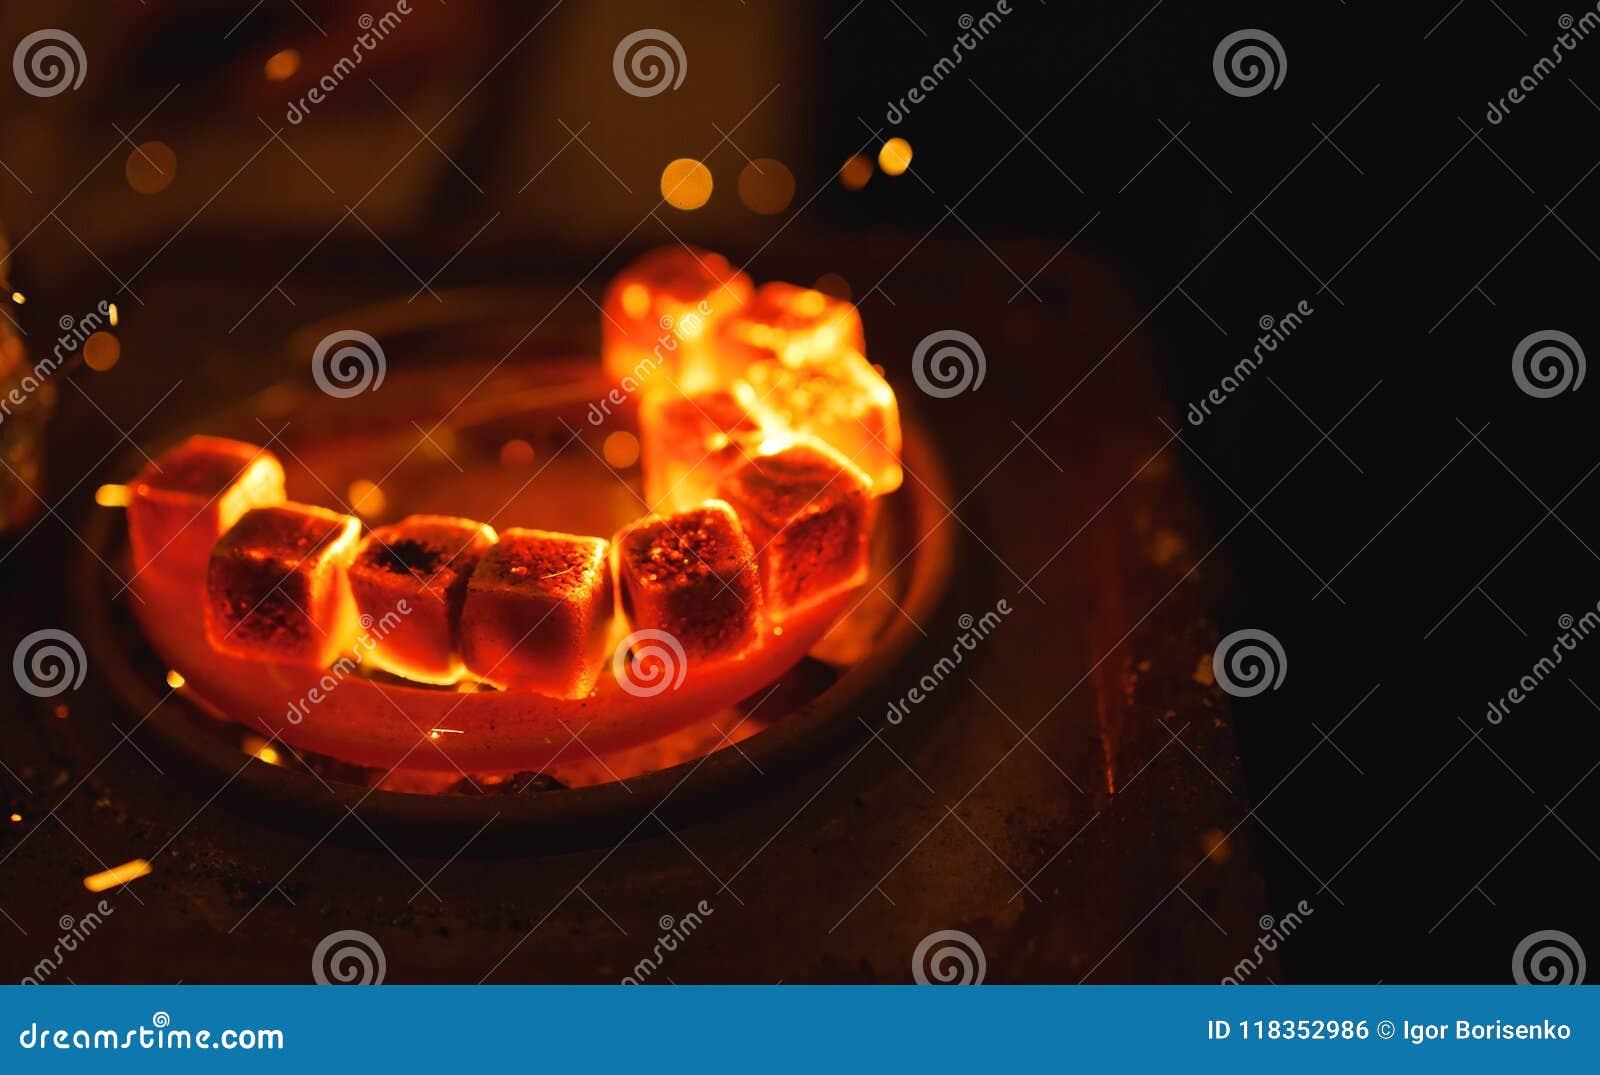 Het ontsteken van vierkante steenkool voor een waterpijp op een speciale oven met een hete spiraal